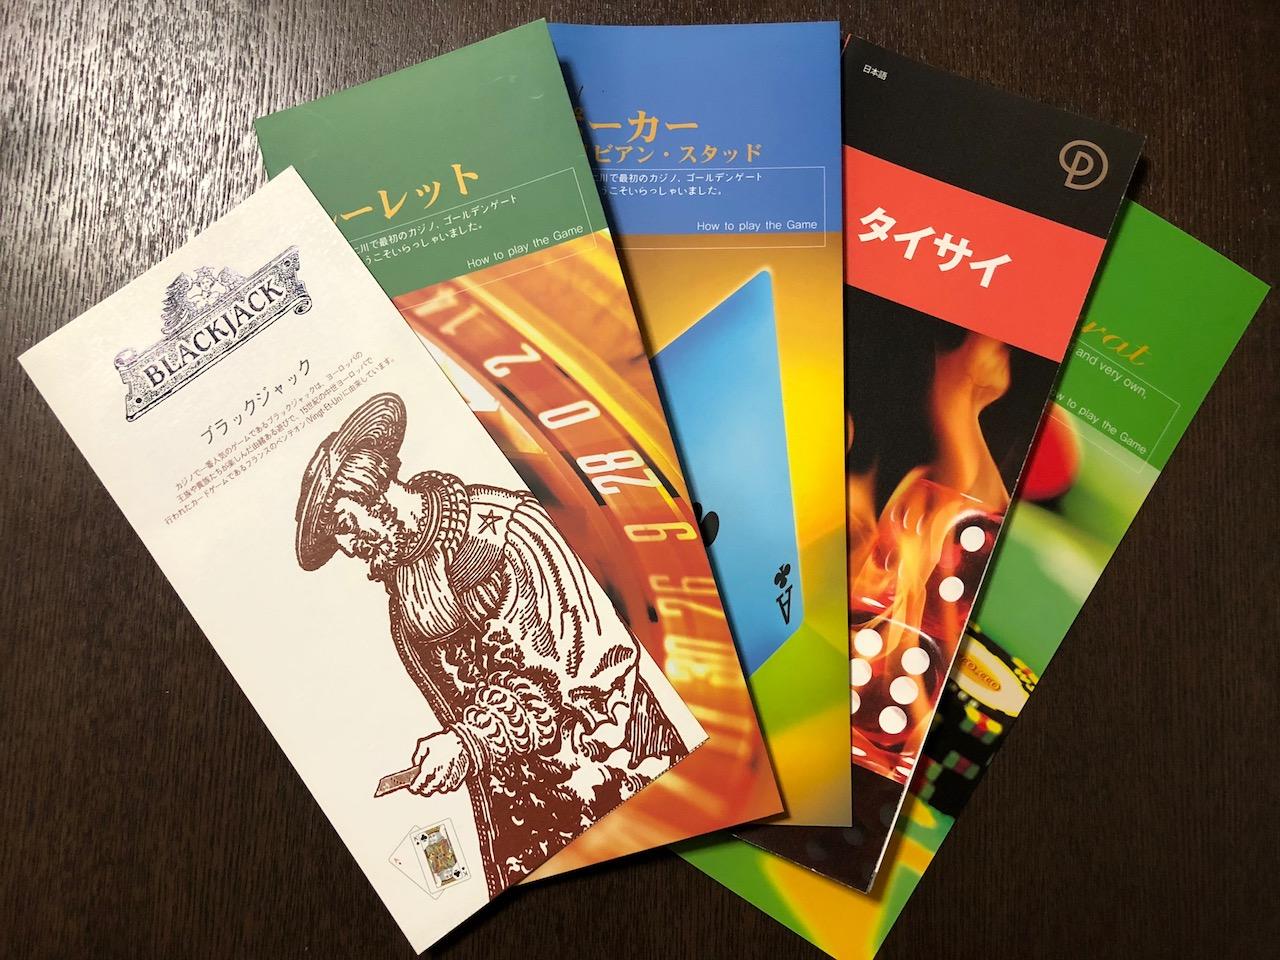 カジノに置いてある日本語ゲームマニュアル